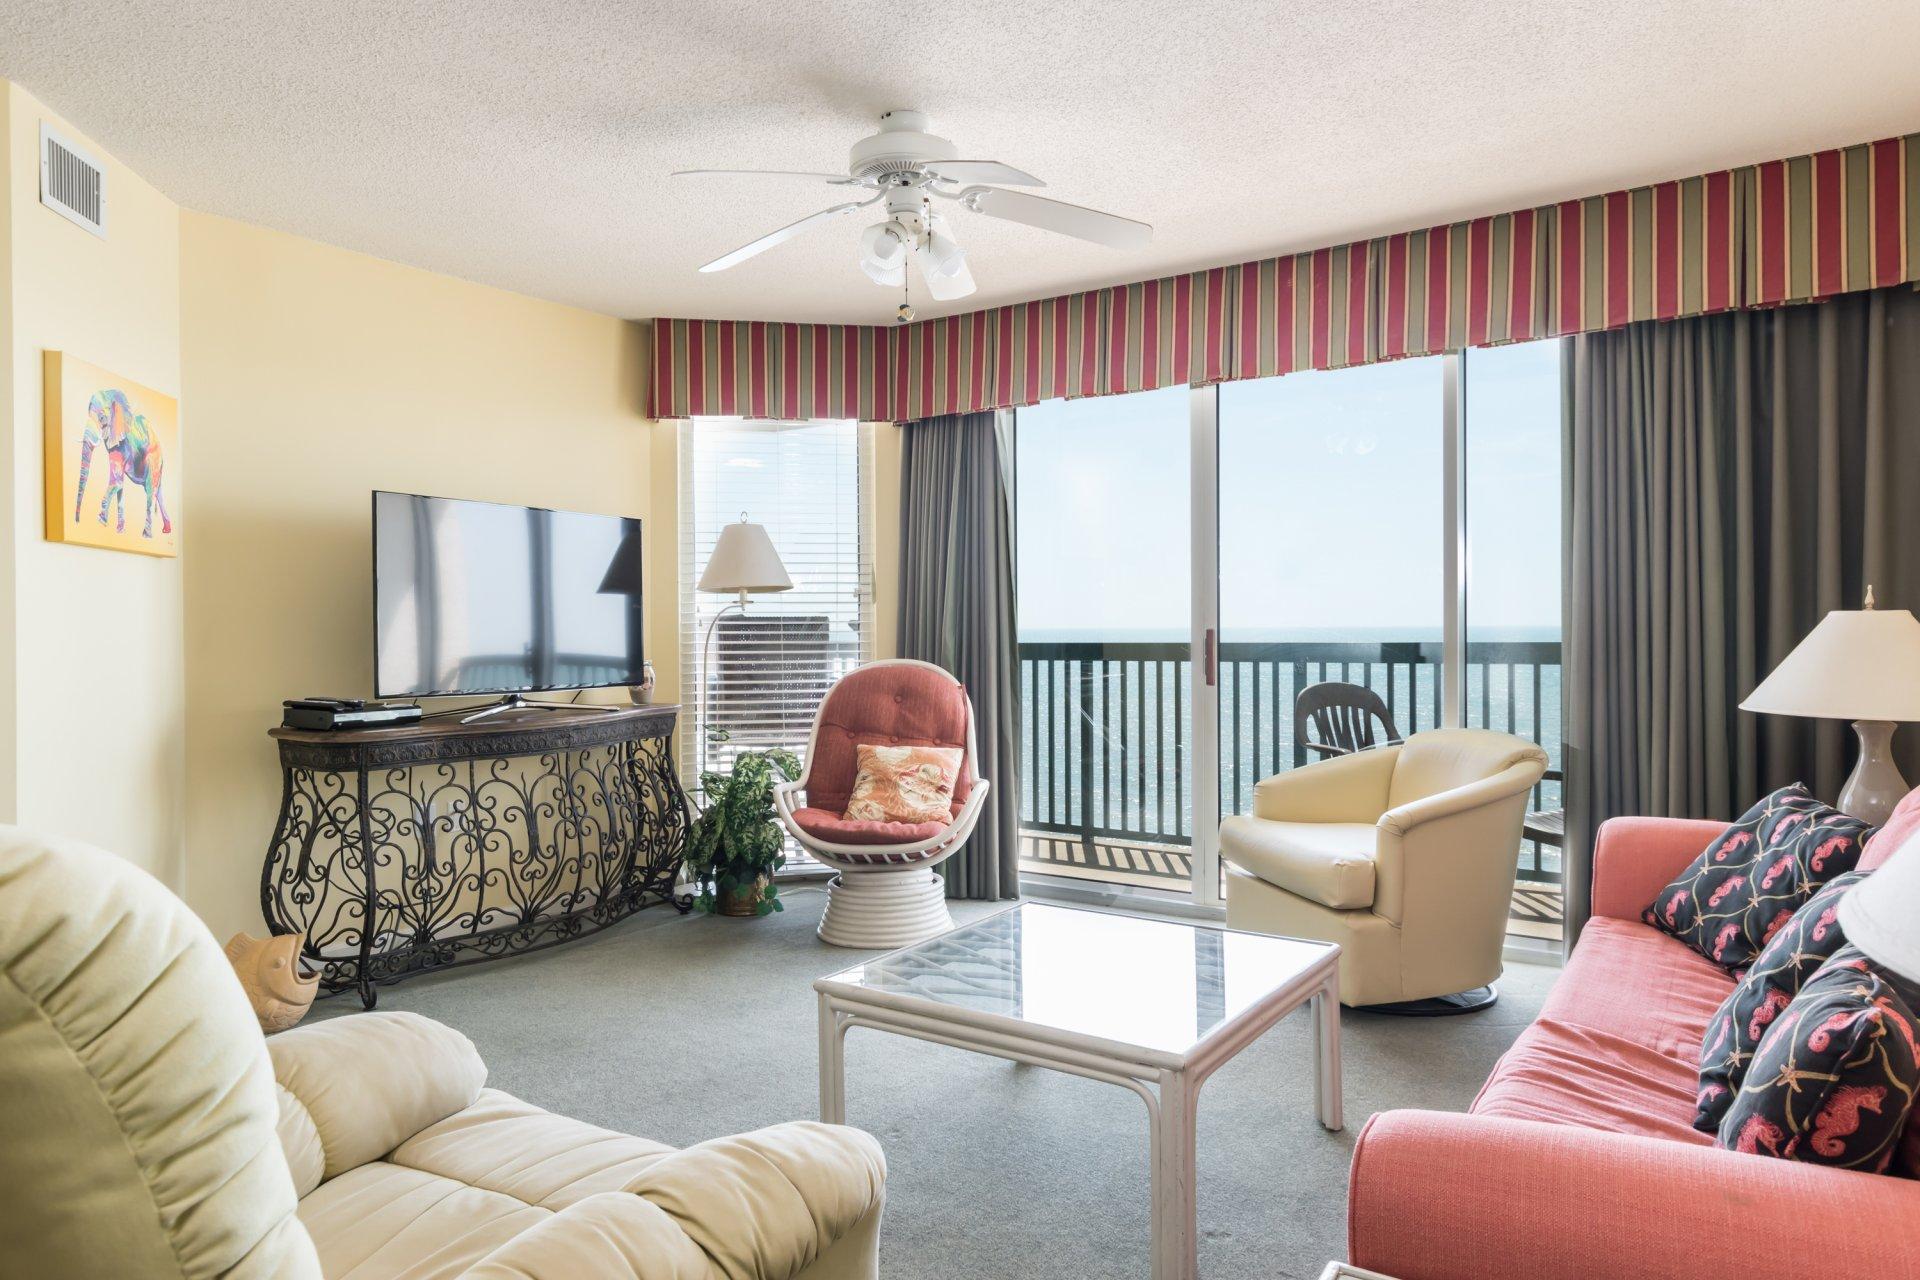 ashworth  1203  ocean front condo north myrtle beach rental